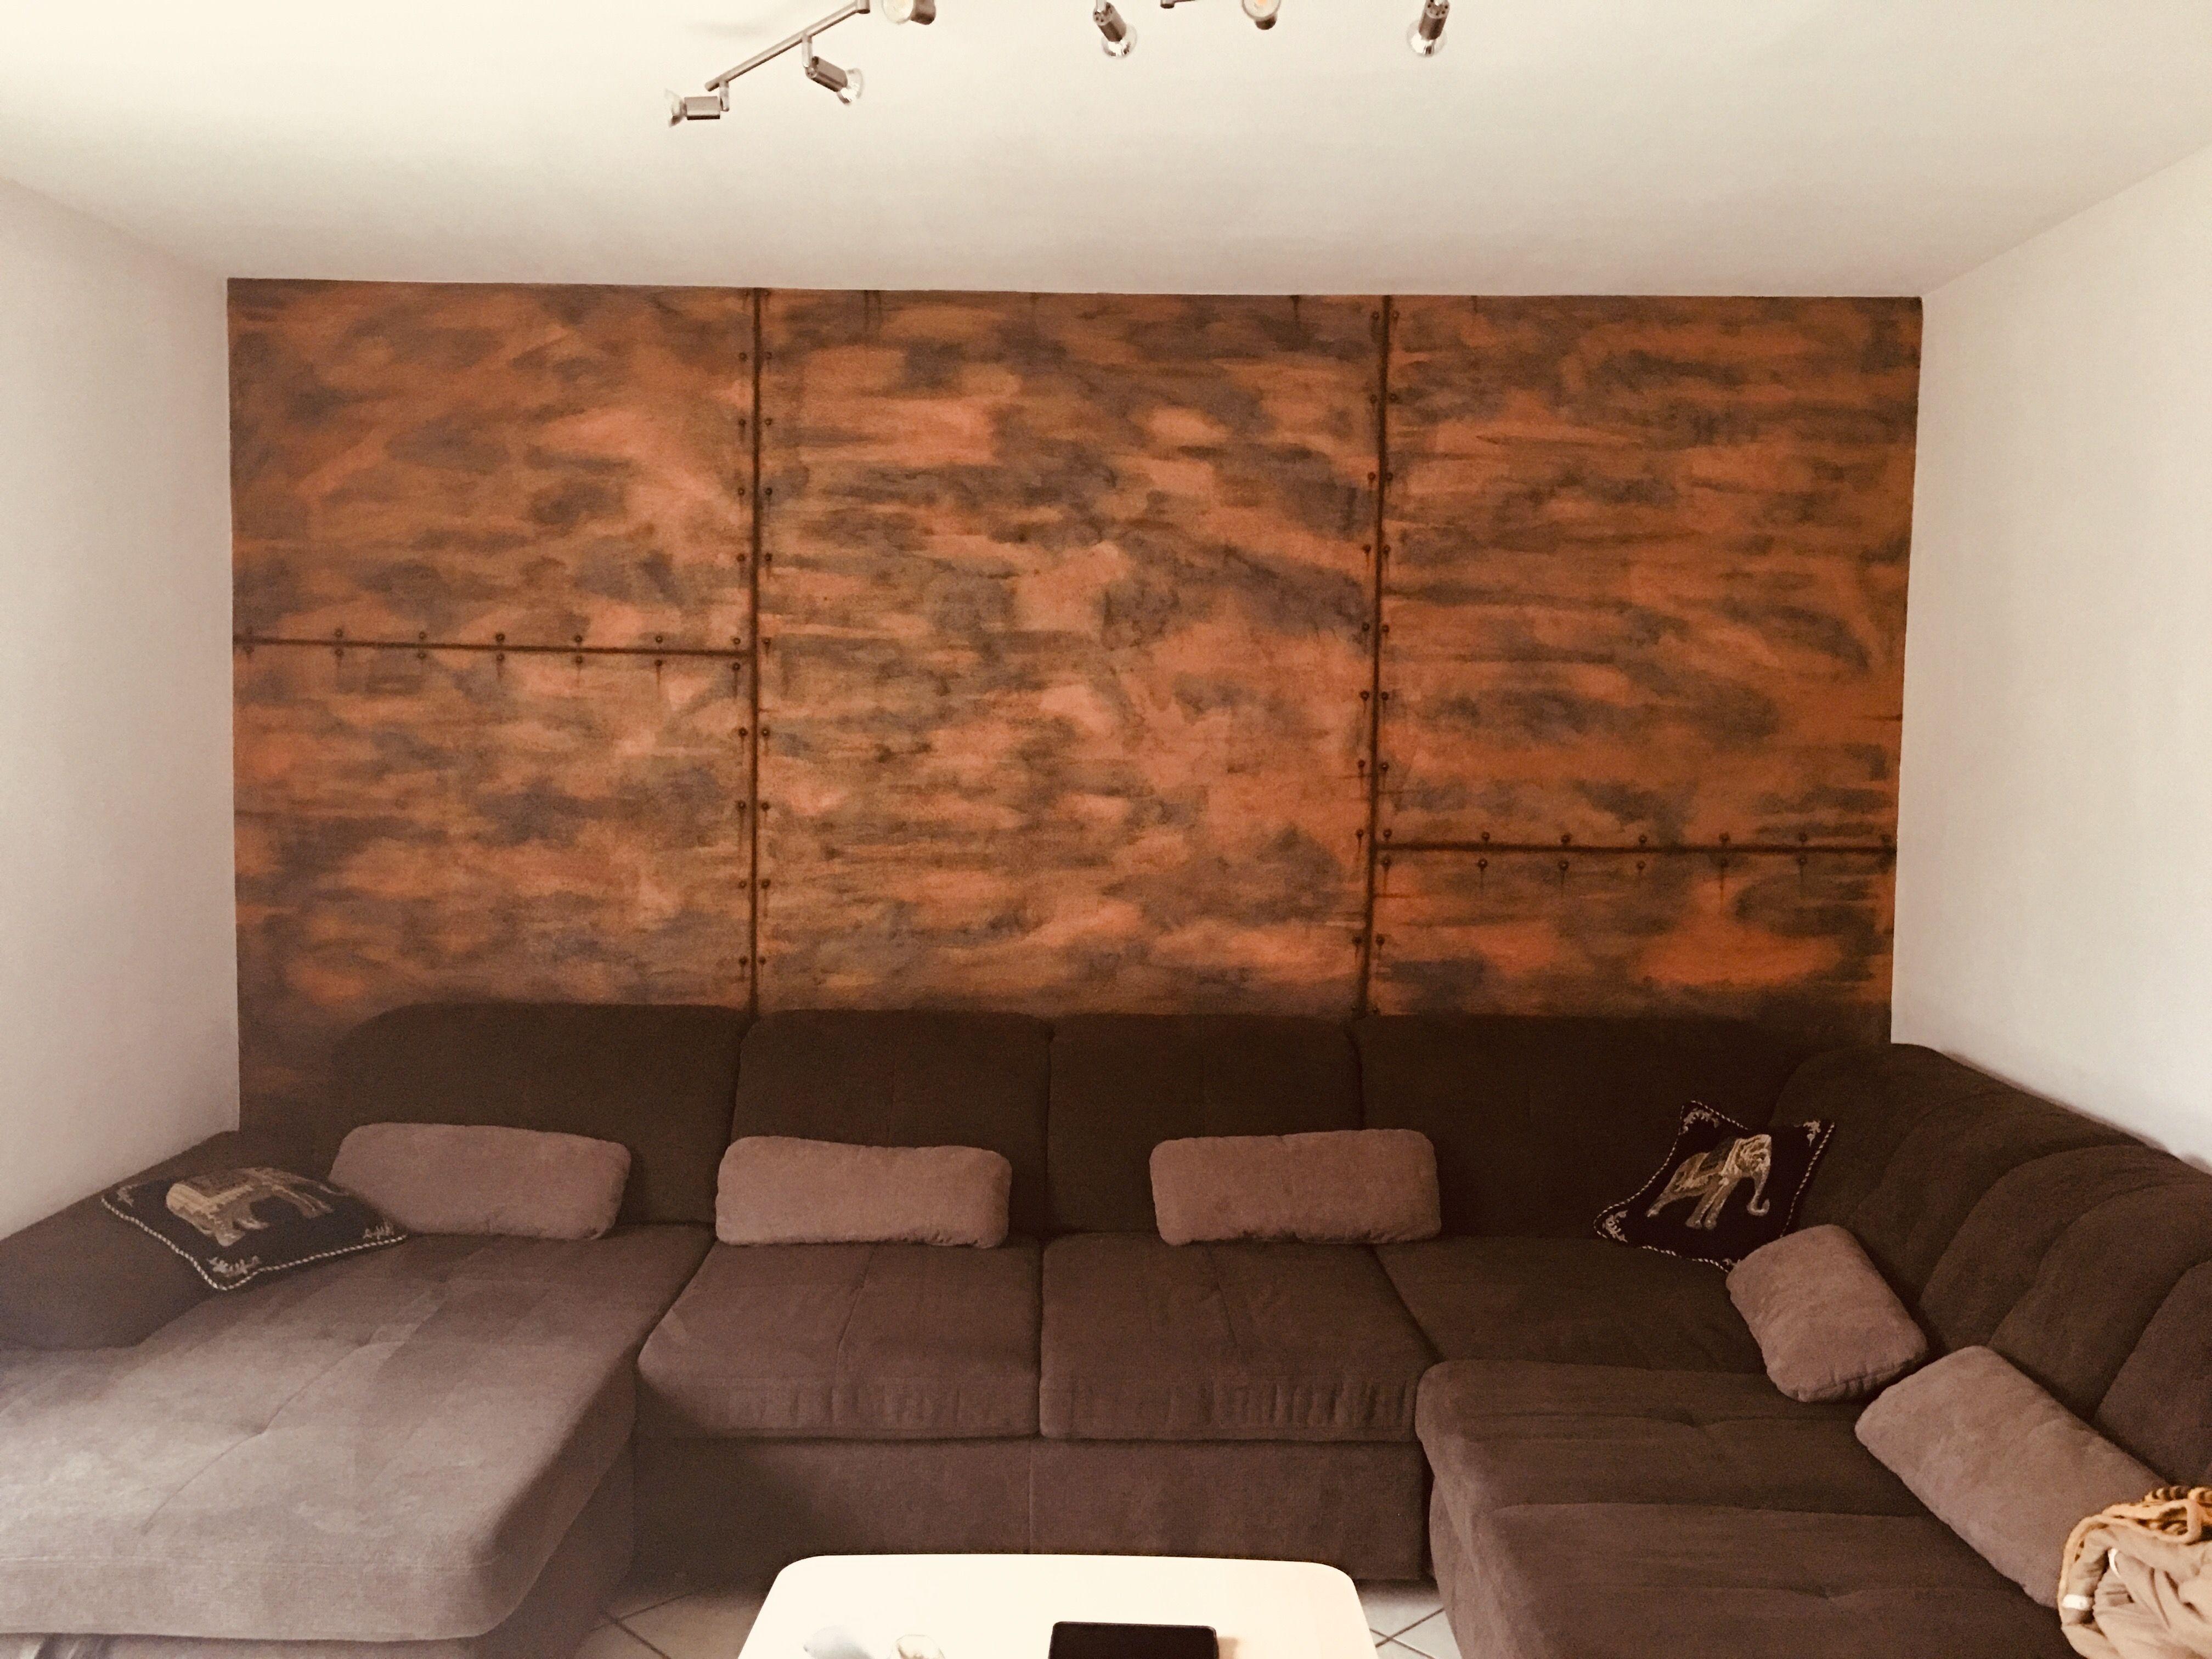 Super Wandgestaltung Partyraum | Wohnzimmer Tapezieren Moderne SS67